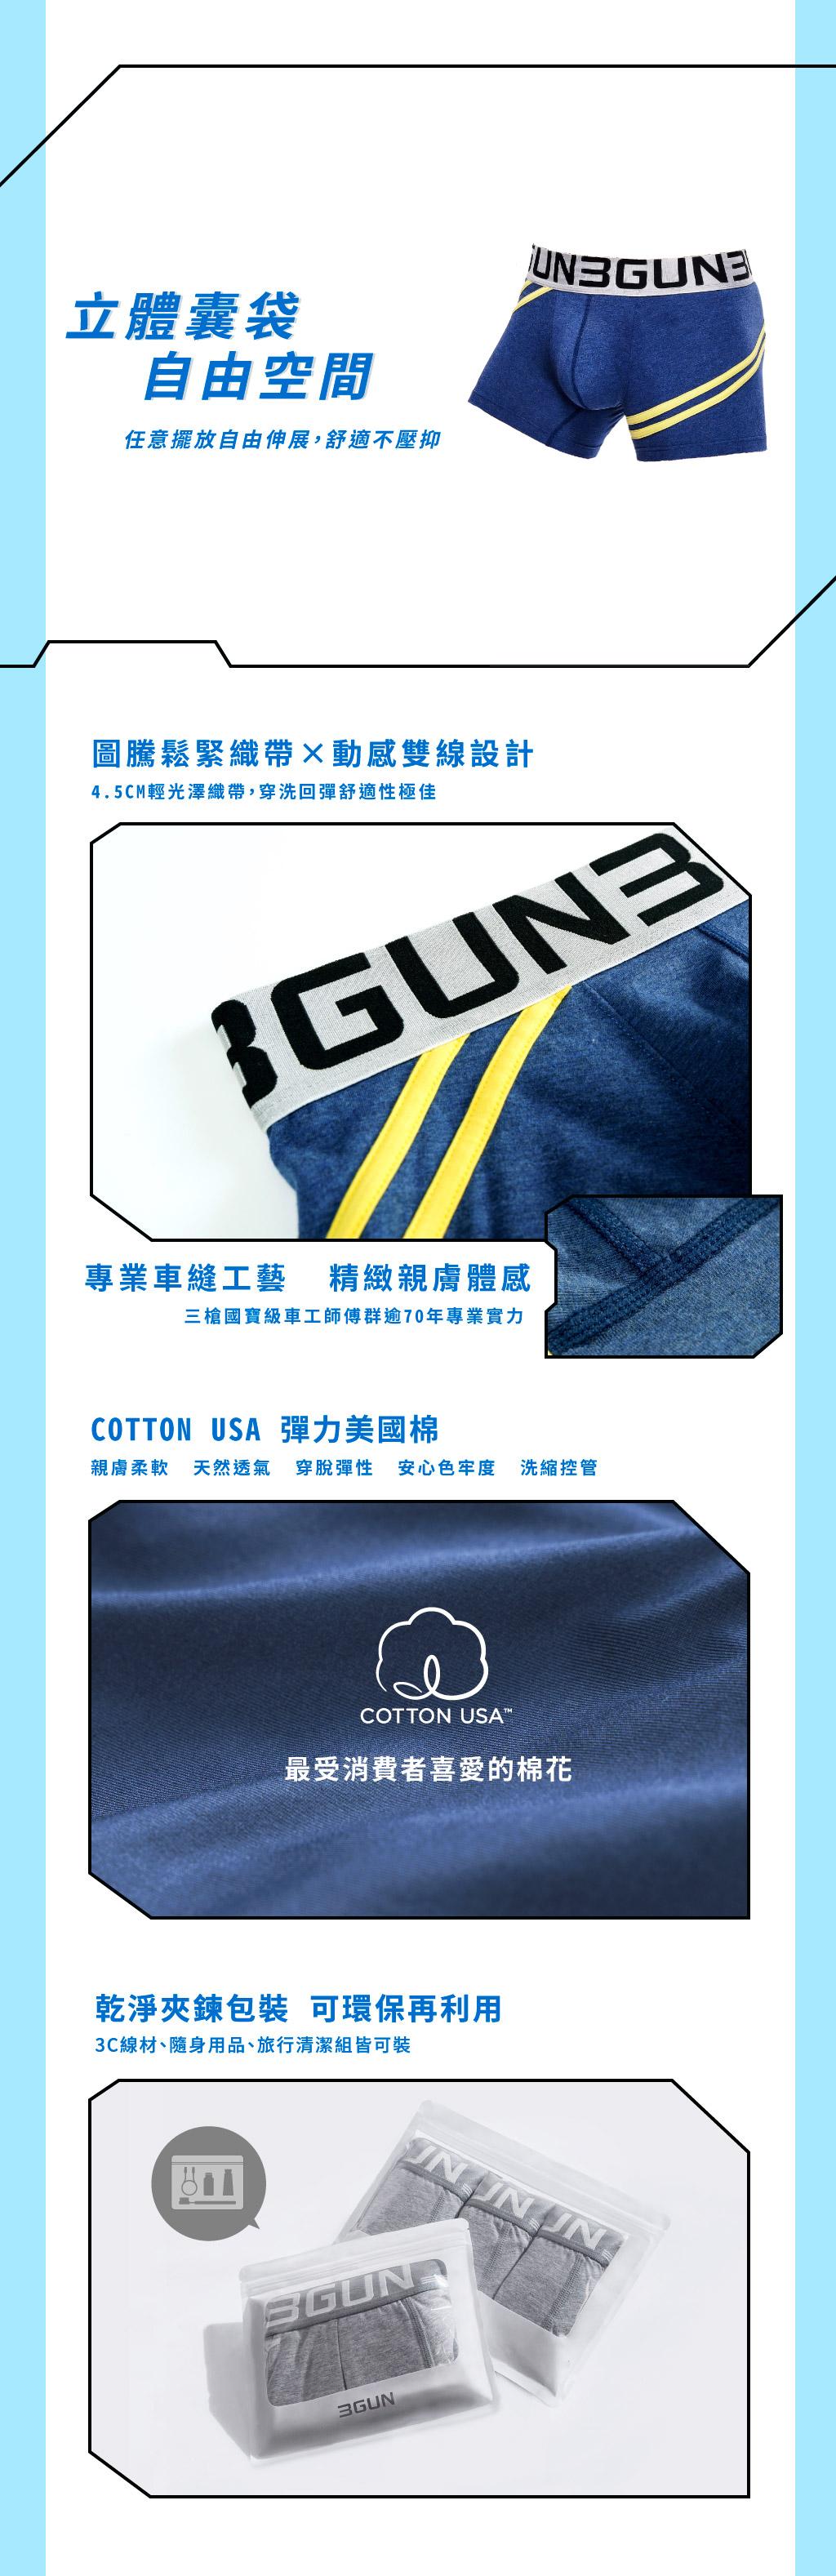 配色爬線男彈力棉三角褲-炫色動感-3GUN |男性時尚內衣褲MIT品牌